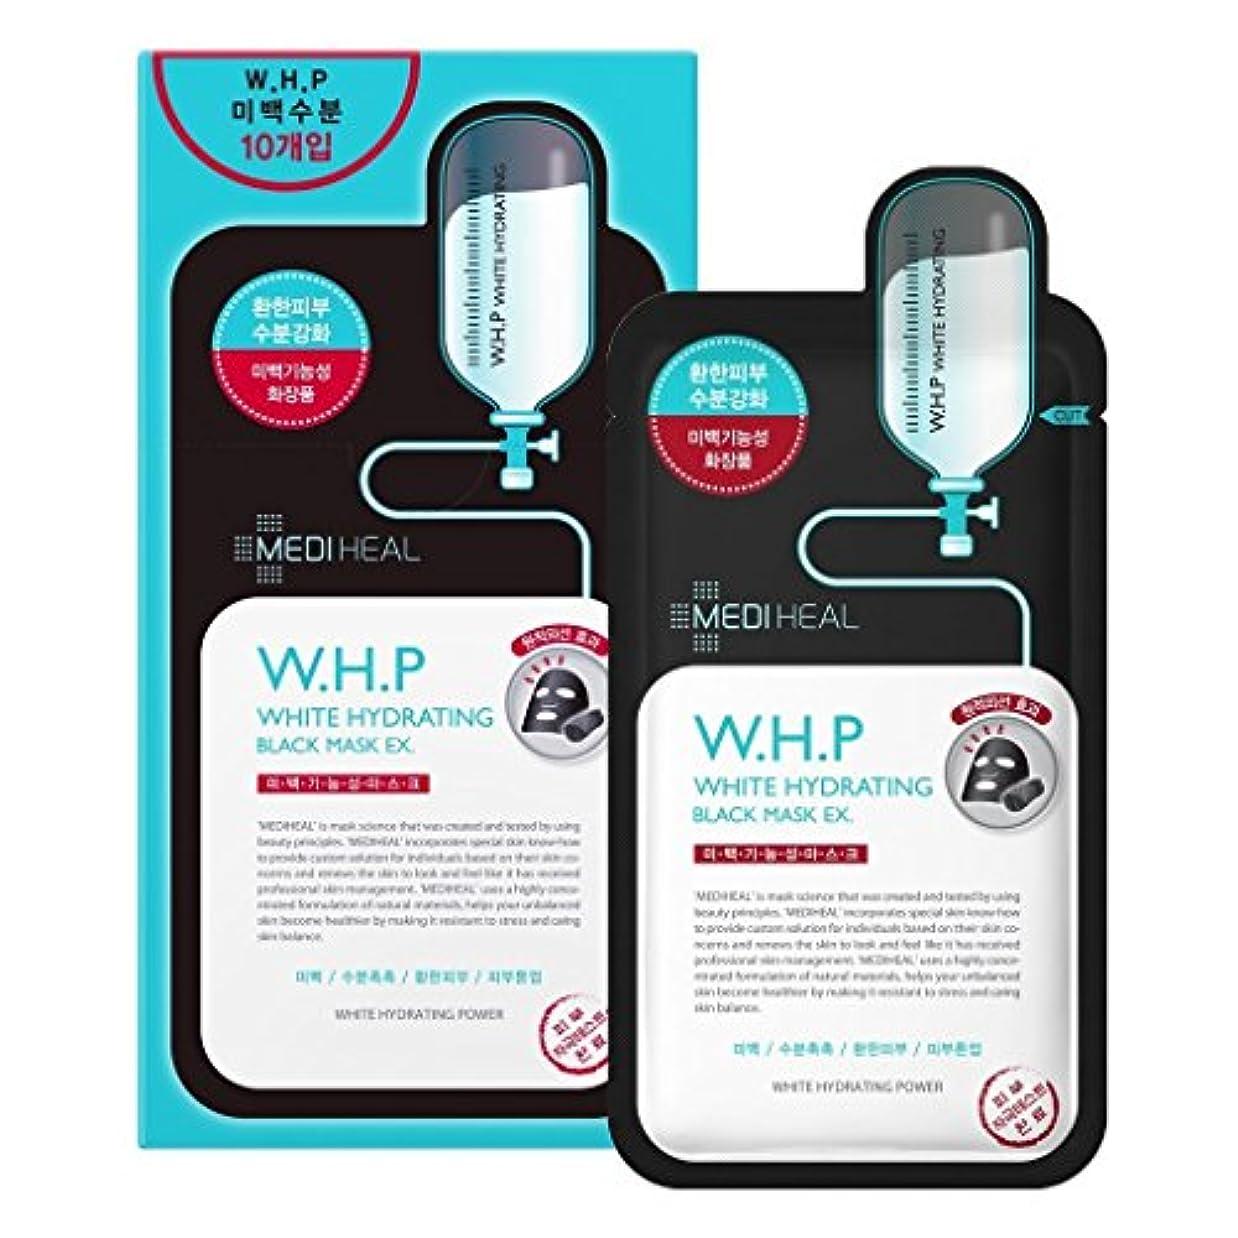 条約控えるインフルエンザMediheal WHP ホワイト ハイドレイティング ブラック マスク EX 25mL x10枚 [並行輸入品]